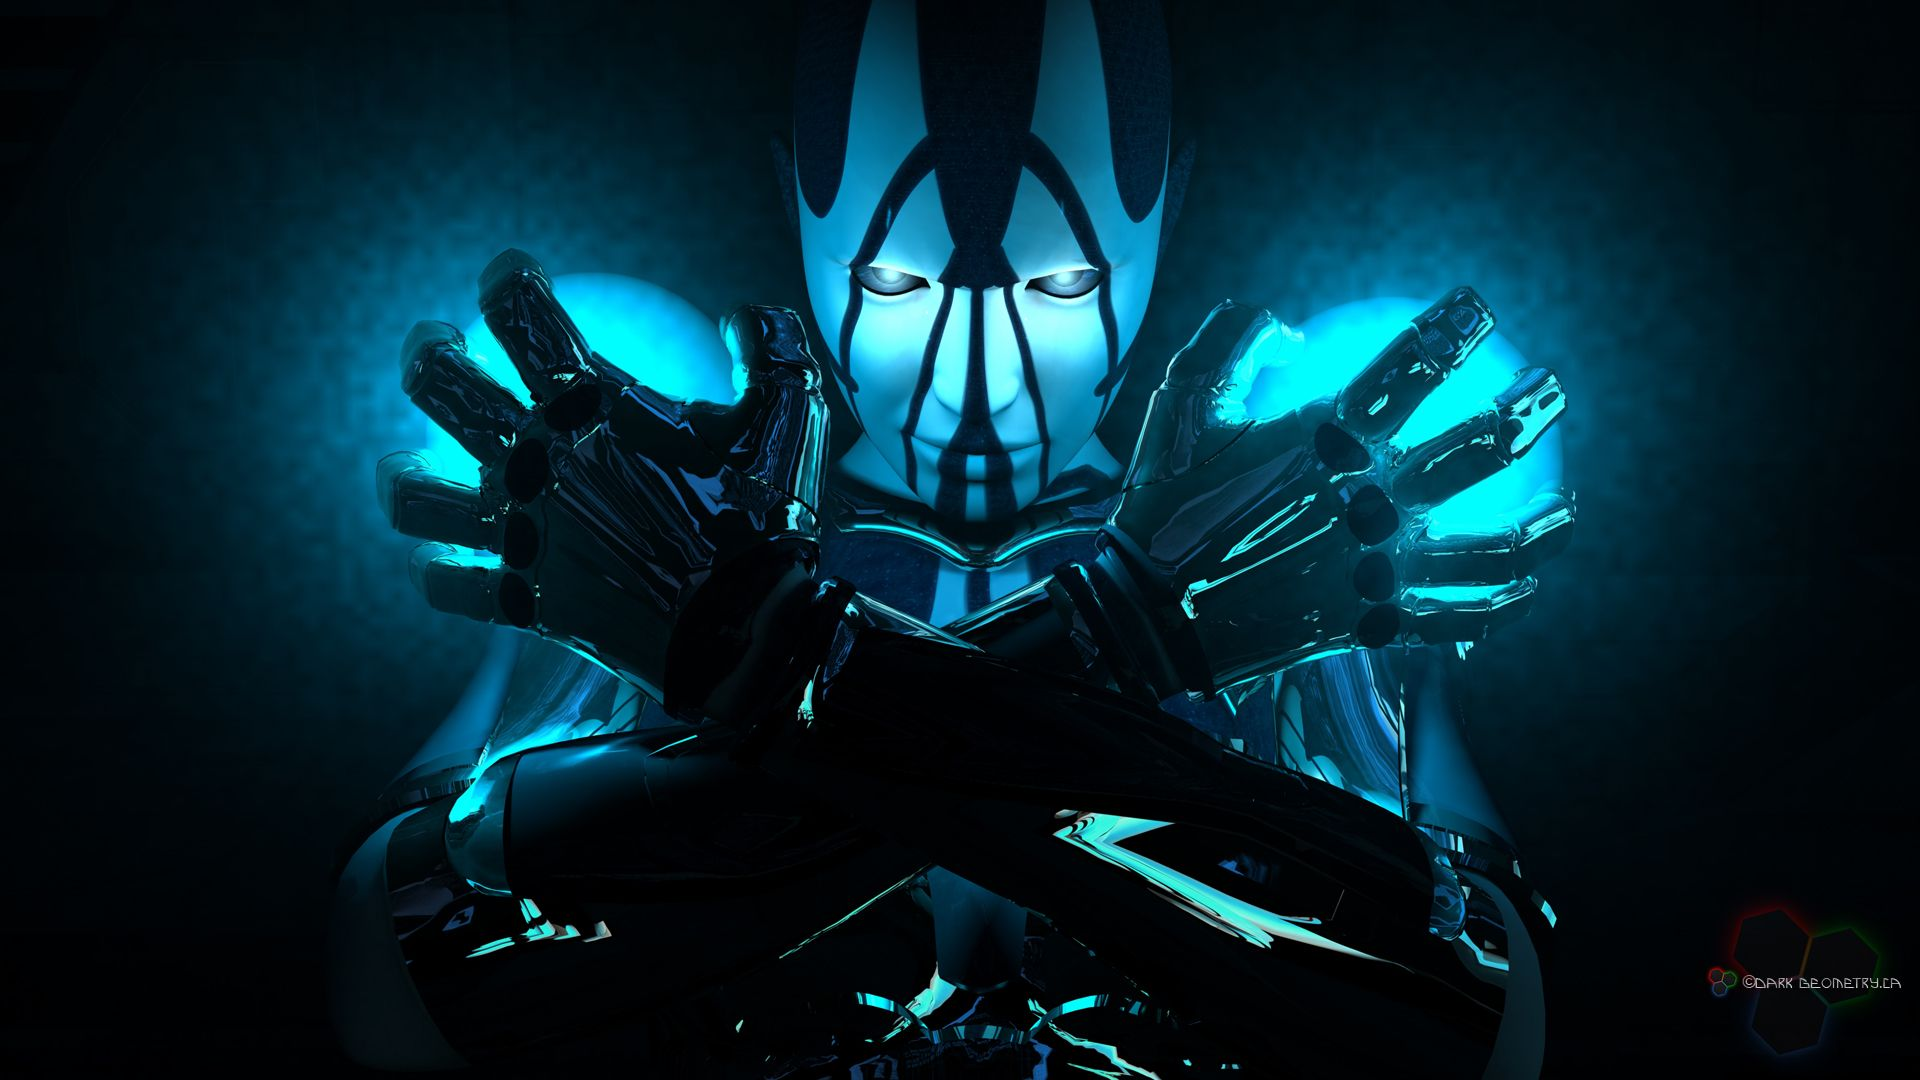 Fondo Pantalla Robot Blue Robot Wallpaper Sci Fi Wallpaper 3d Wallpaper Background